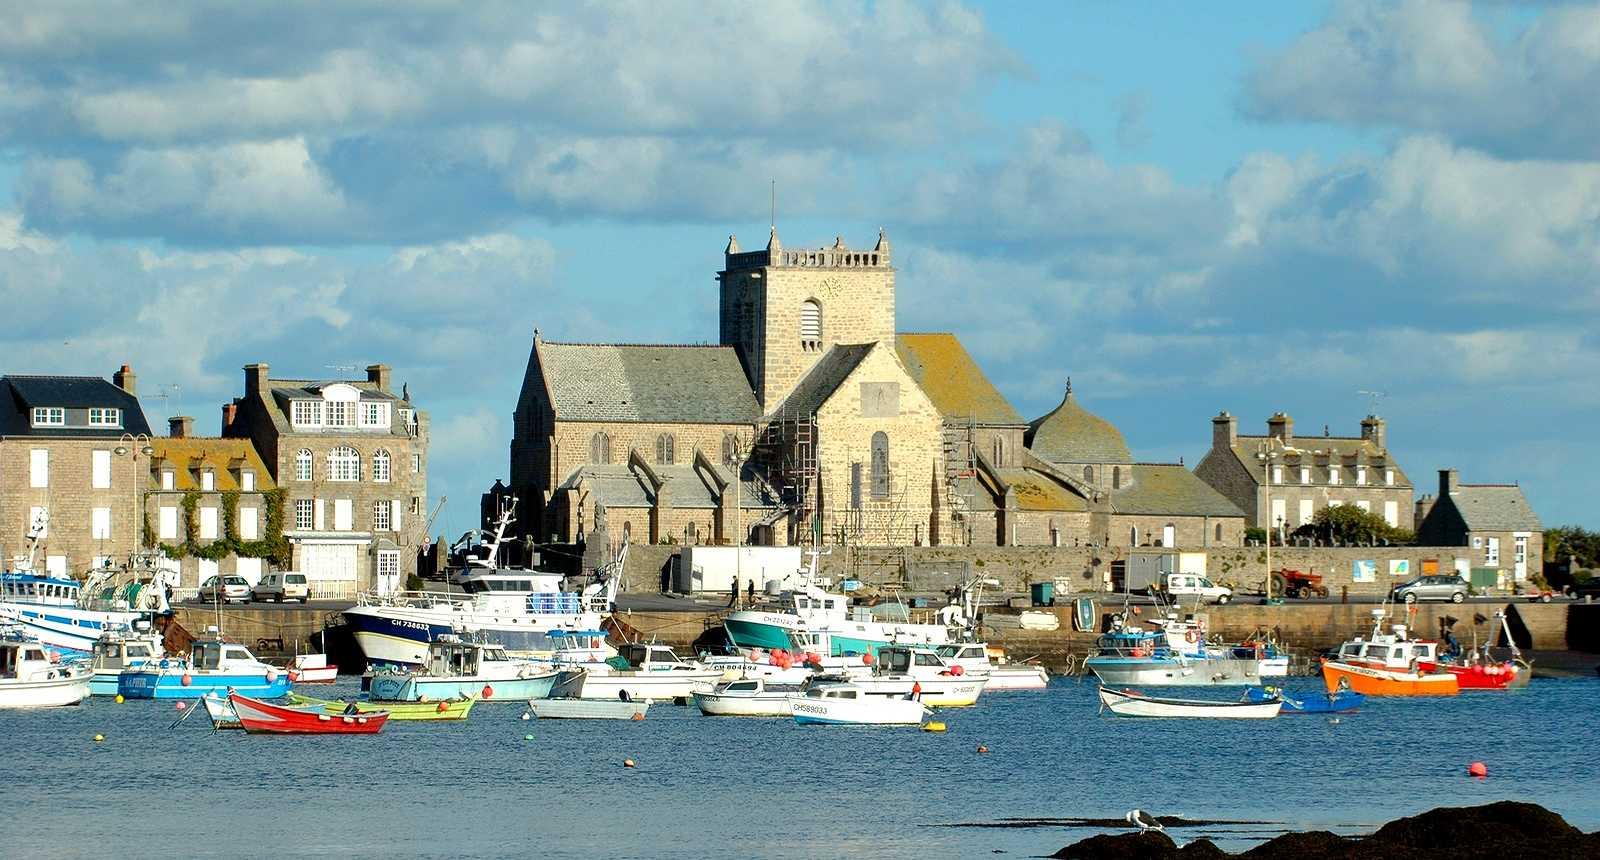 Le Port et l'église Saint-Nicolas de Barfleur